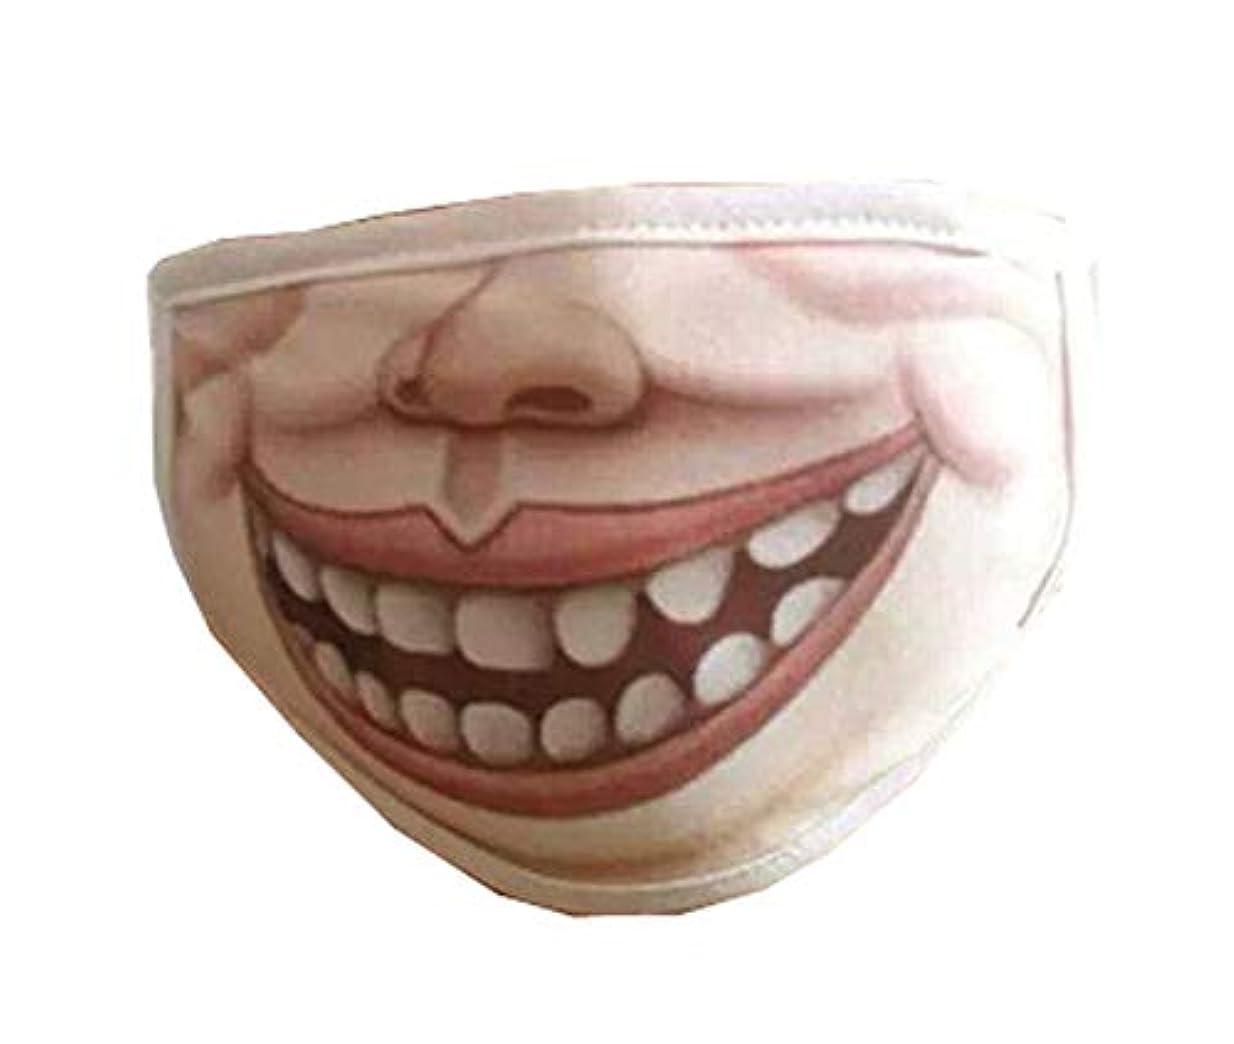 略す持つ丈夫面白い口のマスク、かわいいユニセックス顔の十代のマスク(G2)